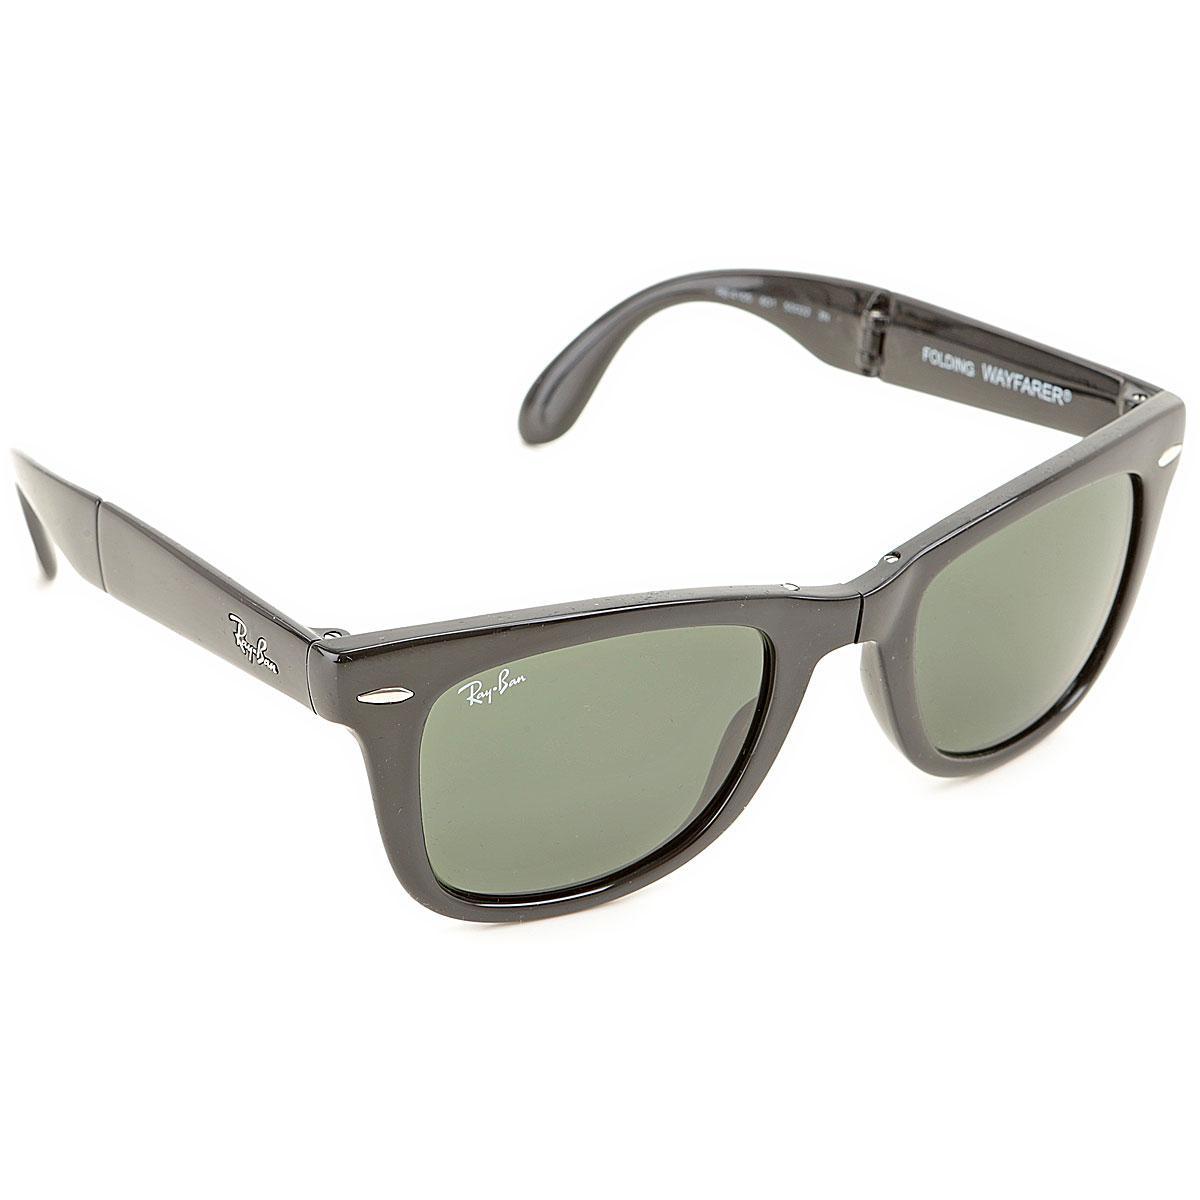 Lyst - Gafas y Lentes de Sol Baratos en Rebajas Ray-Ban de hombre 305ba1e9b5ea